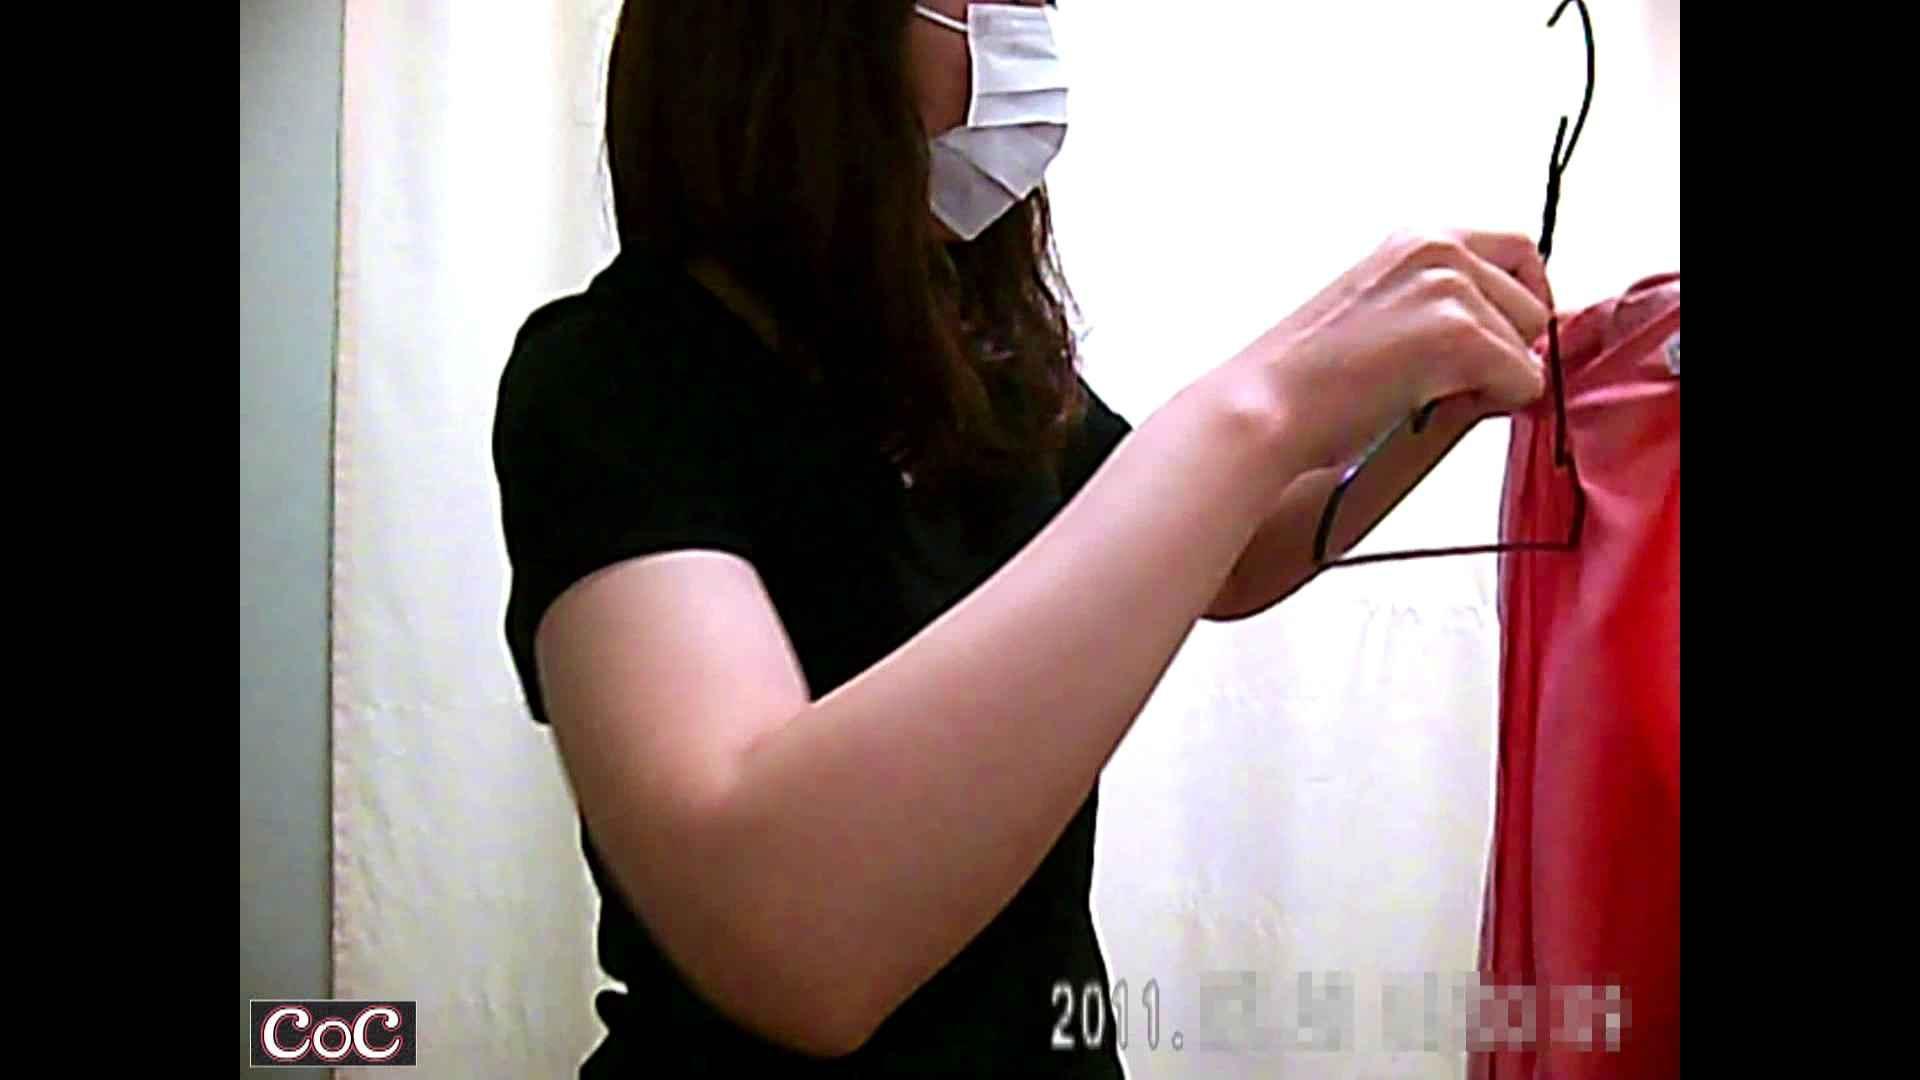 病院おもいっきり着替え! vol.04 OLエロ画像 盗撮セックス無修正動画無料 113PICs 72